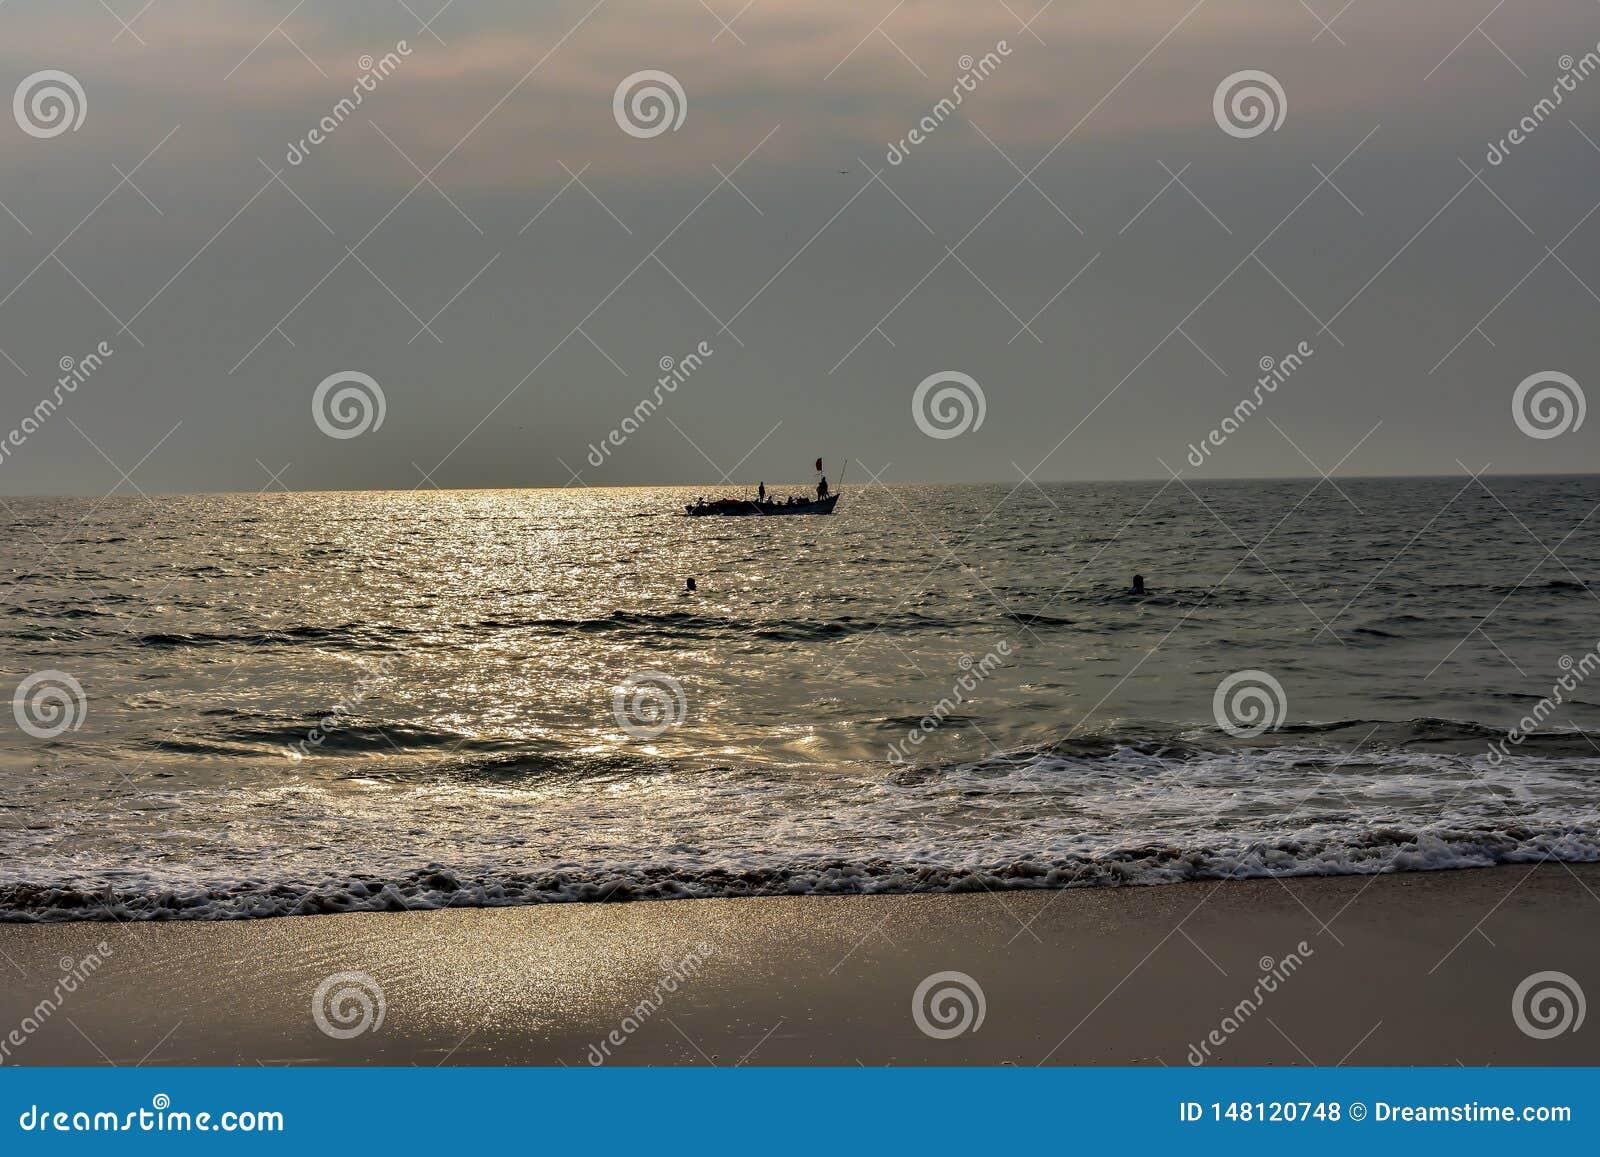 Sikten av refraktionen av guld- solsken i havsstranden med konturn av ett fartyg skapade en magisk bakgrund